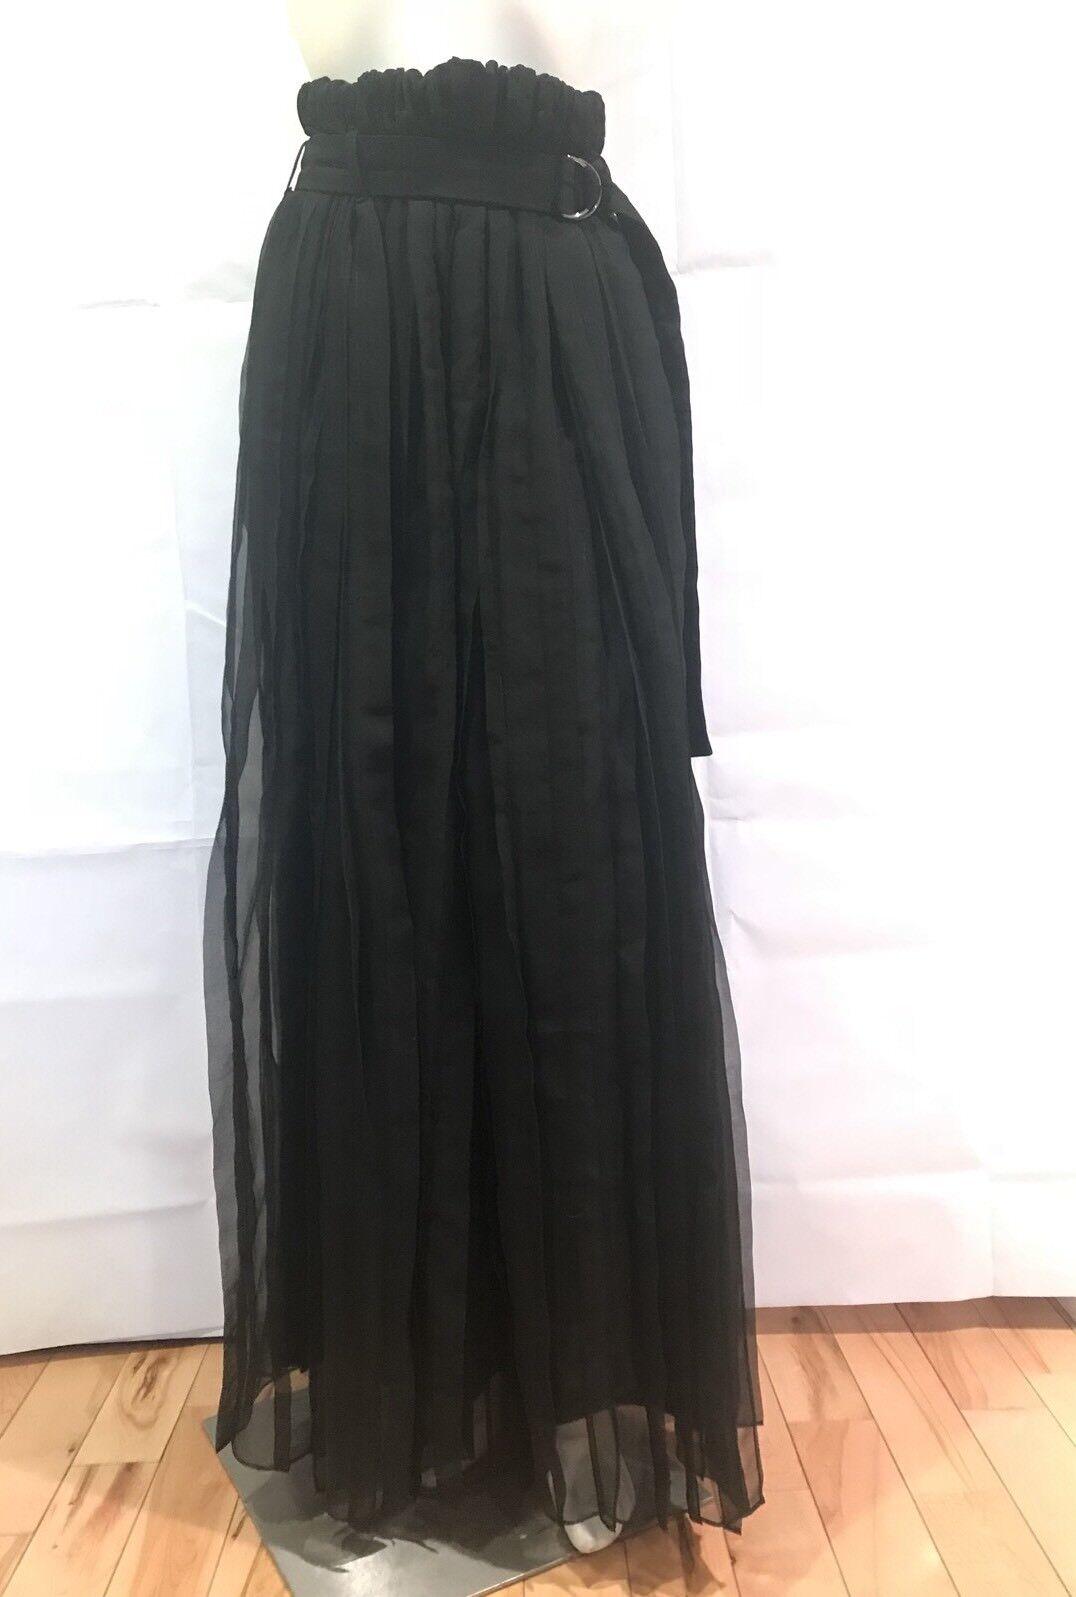 Nuevo con etiquetas BRUNELLO Cucinelli Falda Negro Largo  De Organza 100% Seda Cinturón Sz 42 US 6   2600  apresurado a ver